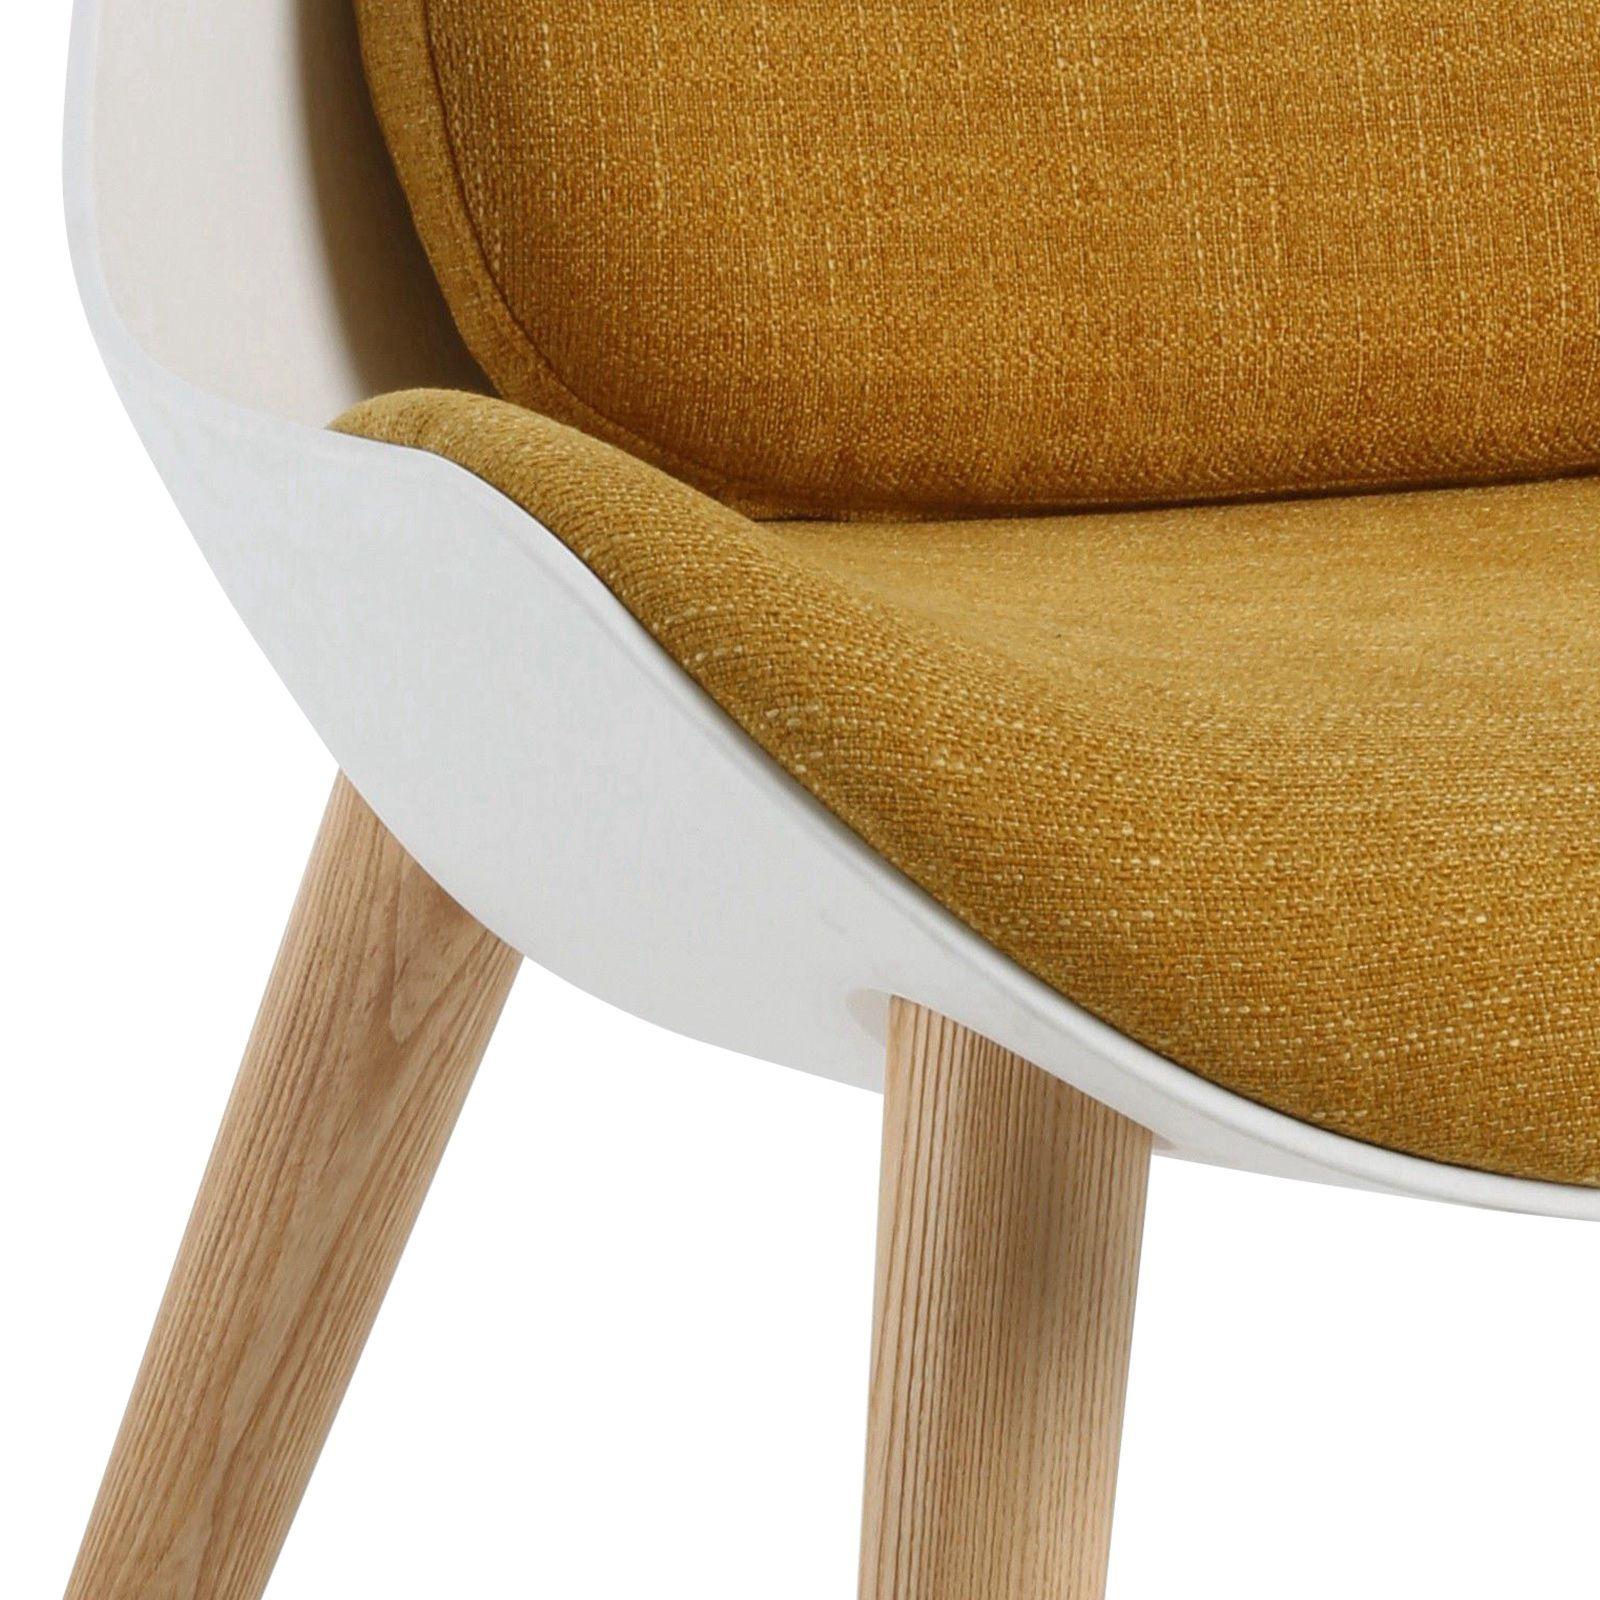 KEMEN   Sillón de madera de fresno natural y policarbonato. Incluye cojinería (71 x 73 x 90 cm)